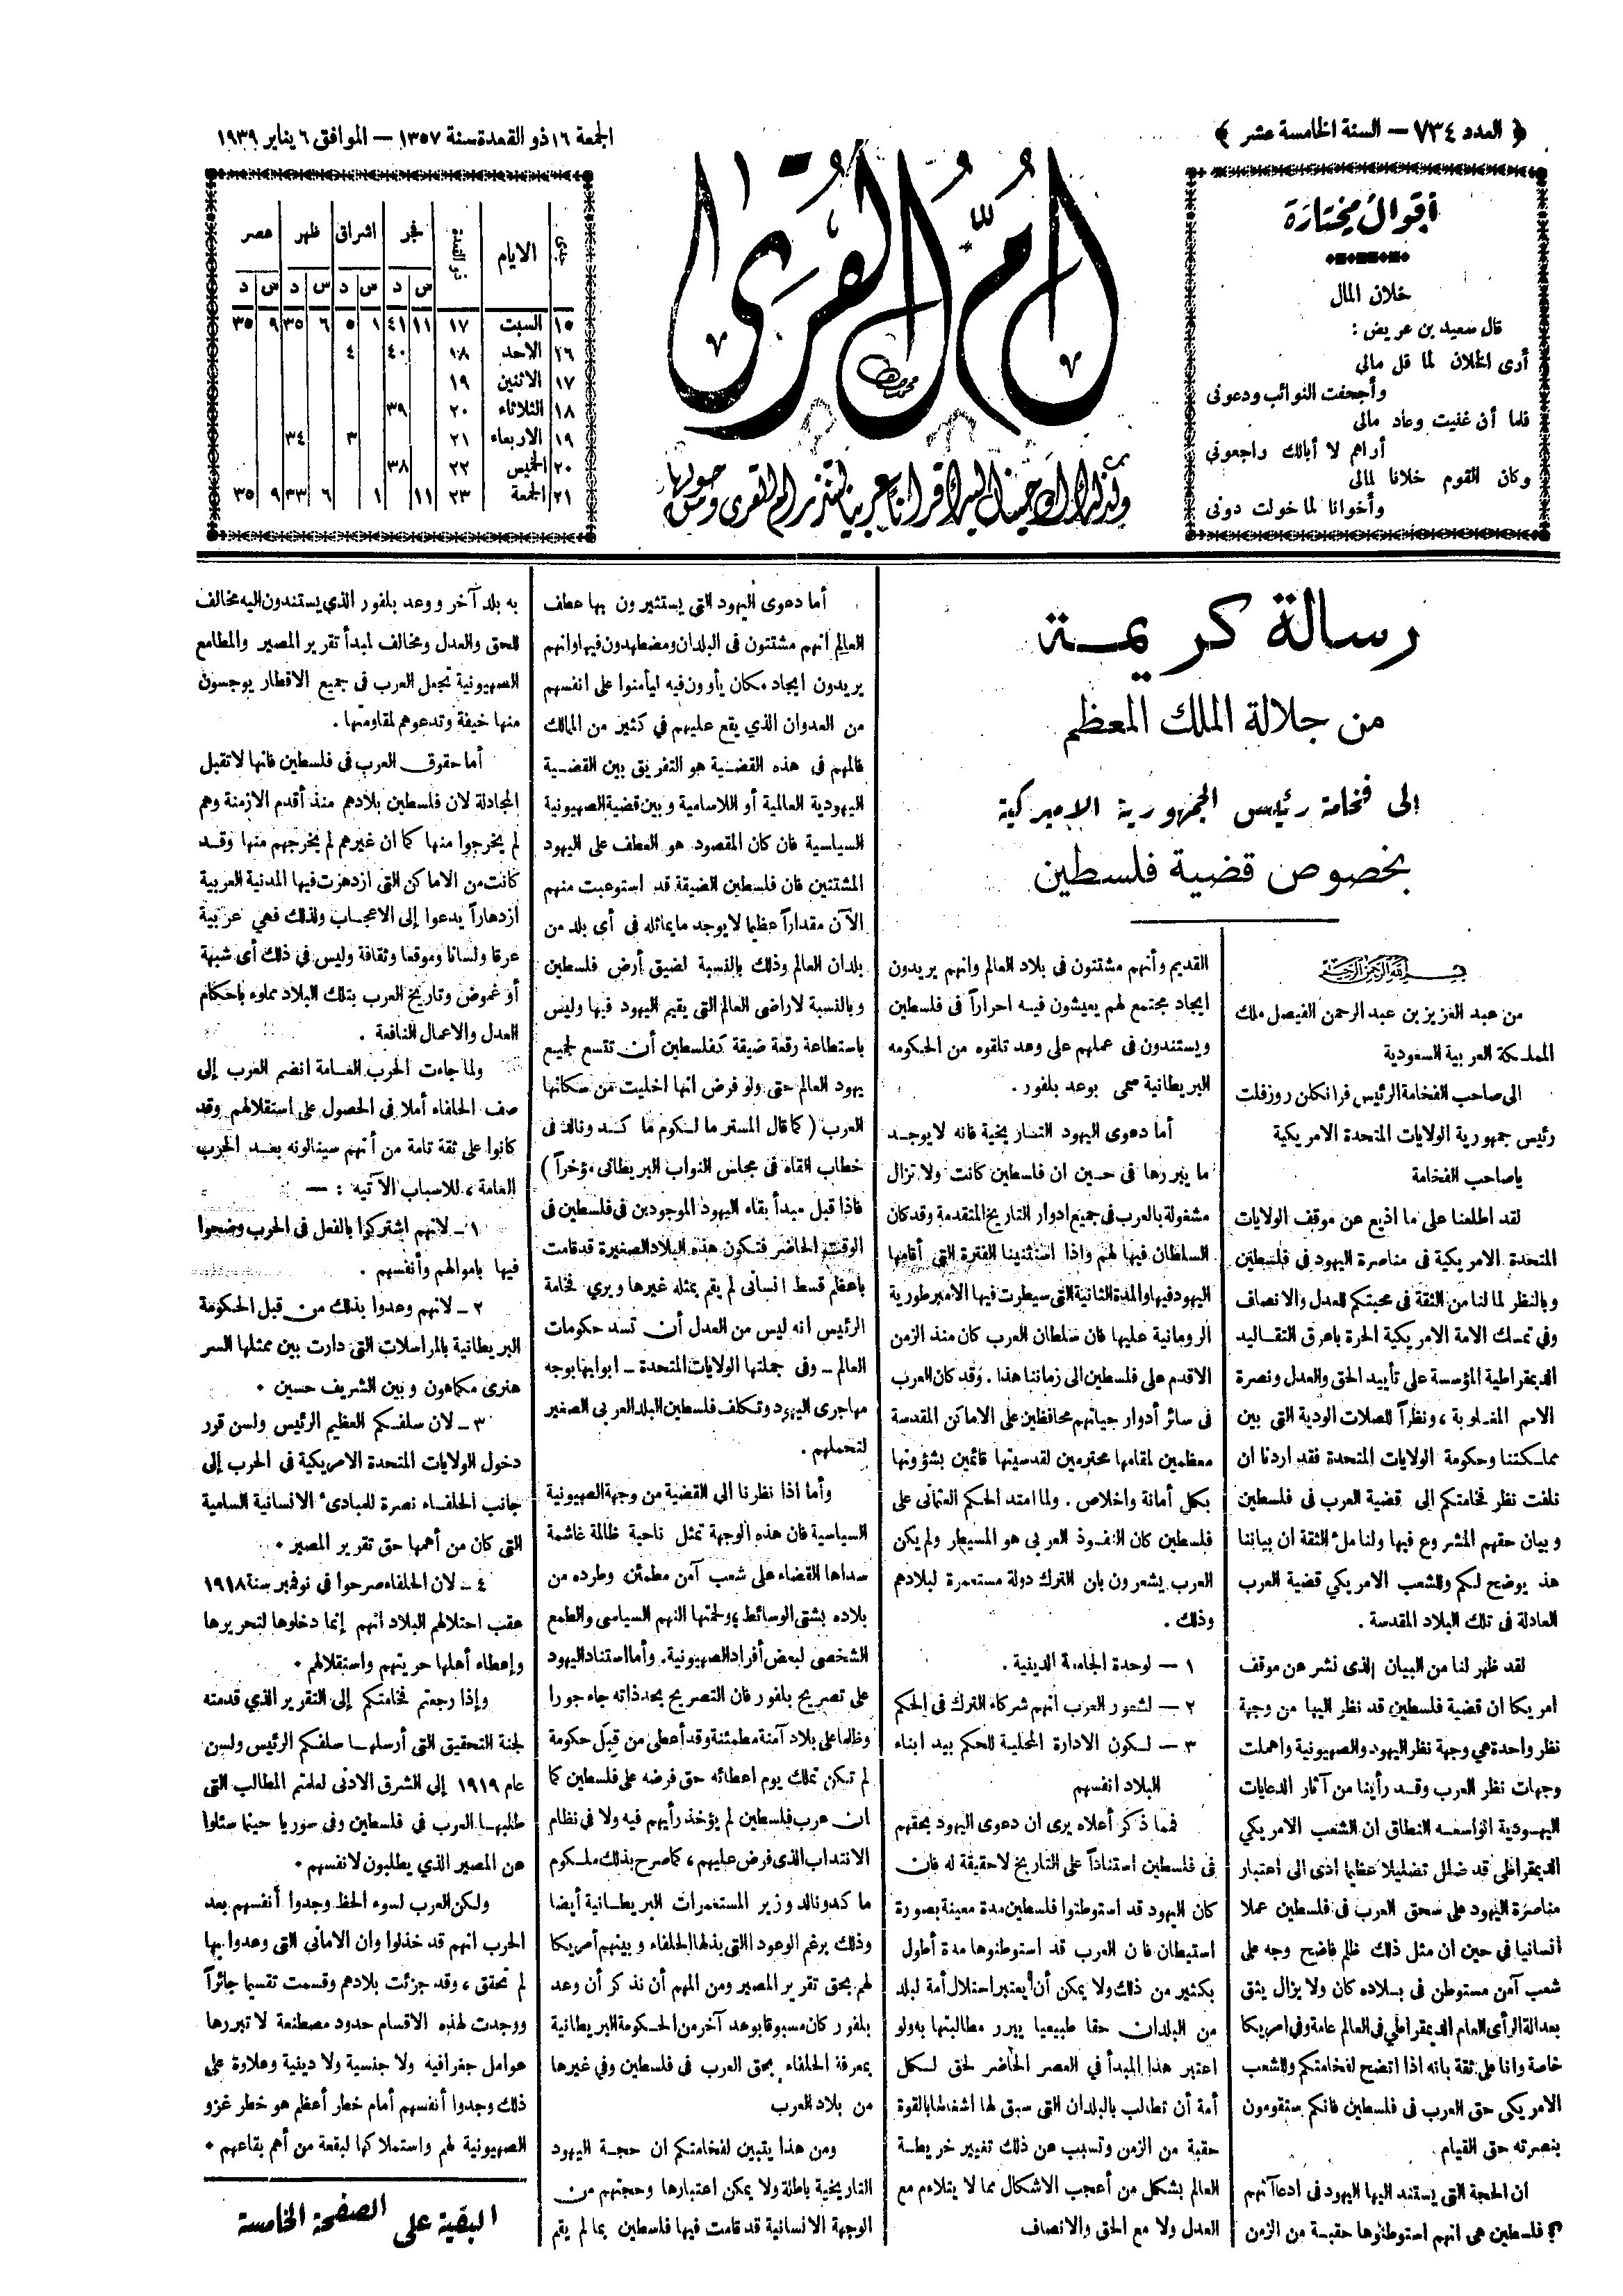 Publié dans le journal mecquois Oumm Al-Qora le vendredi 16 Dhou Al-Qi'dah 1357 correspondant au 6 janvier 1939.